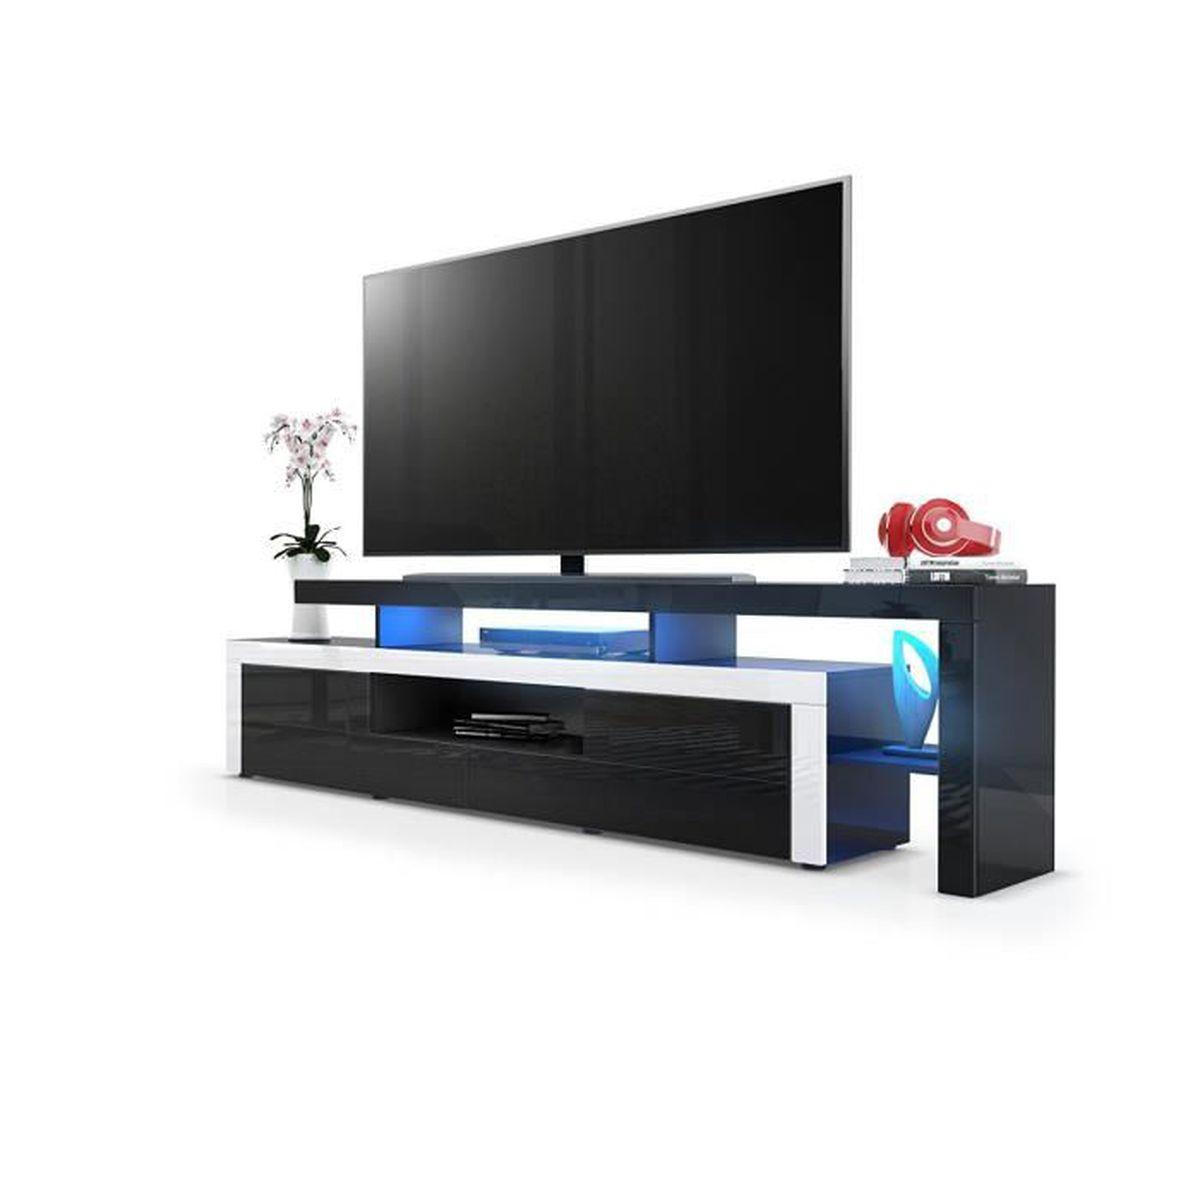 Meuble Tv Noir Blanc Laque 193 Cm Avec Led Achat Vente